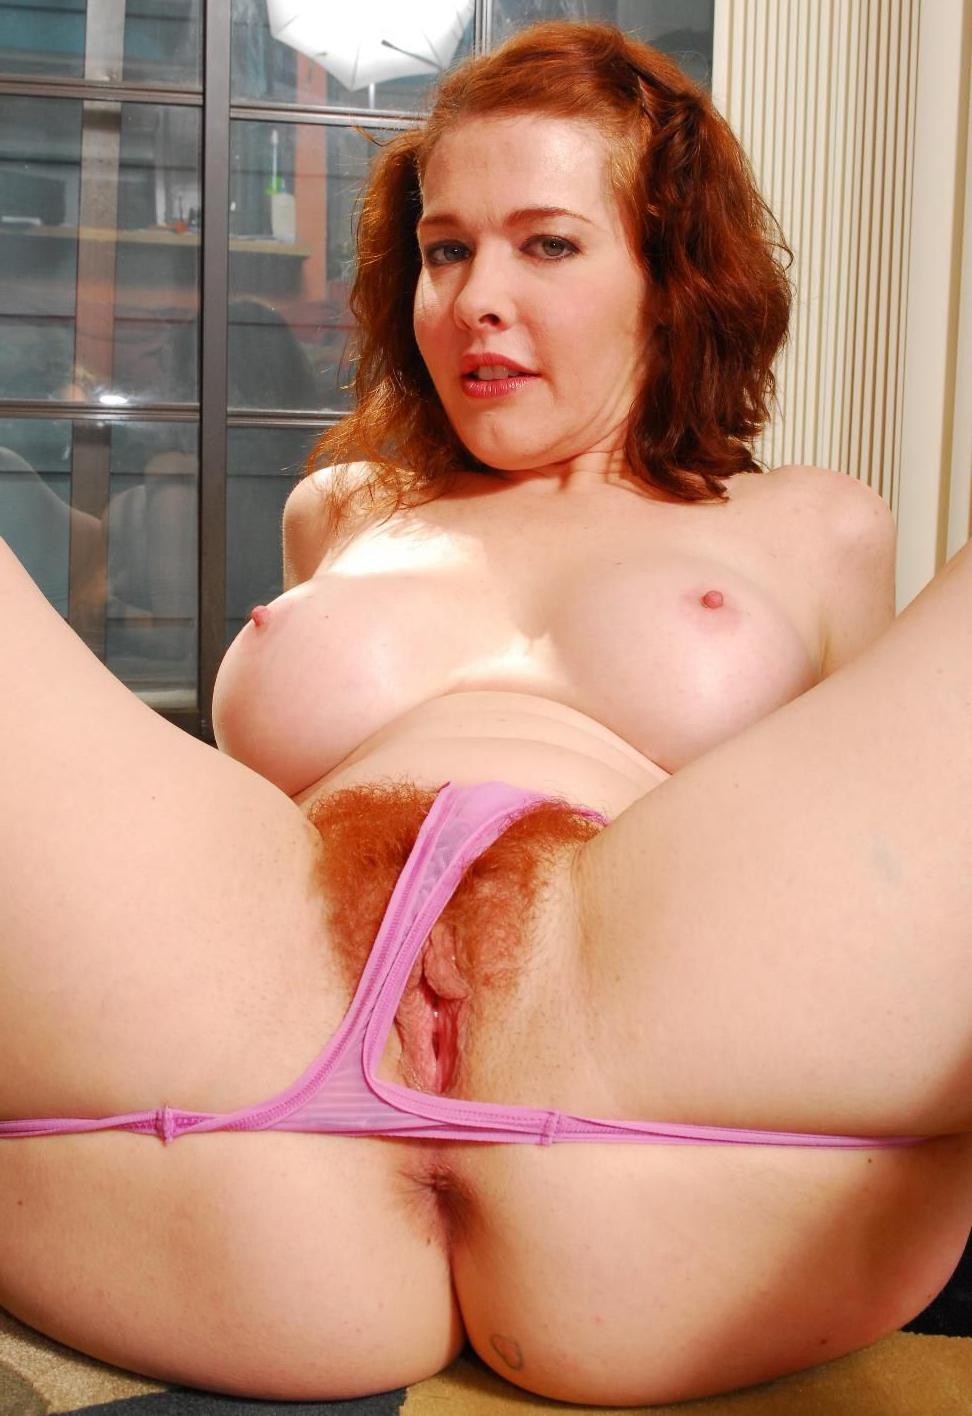 Xxx mature redhead creampie pictures